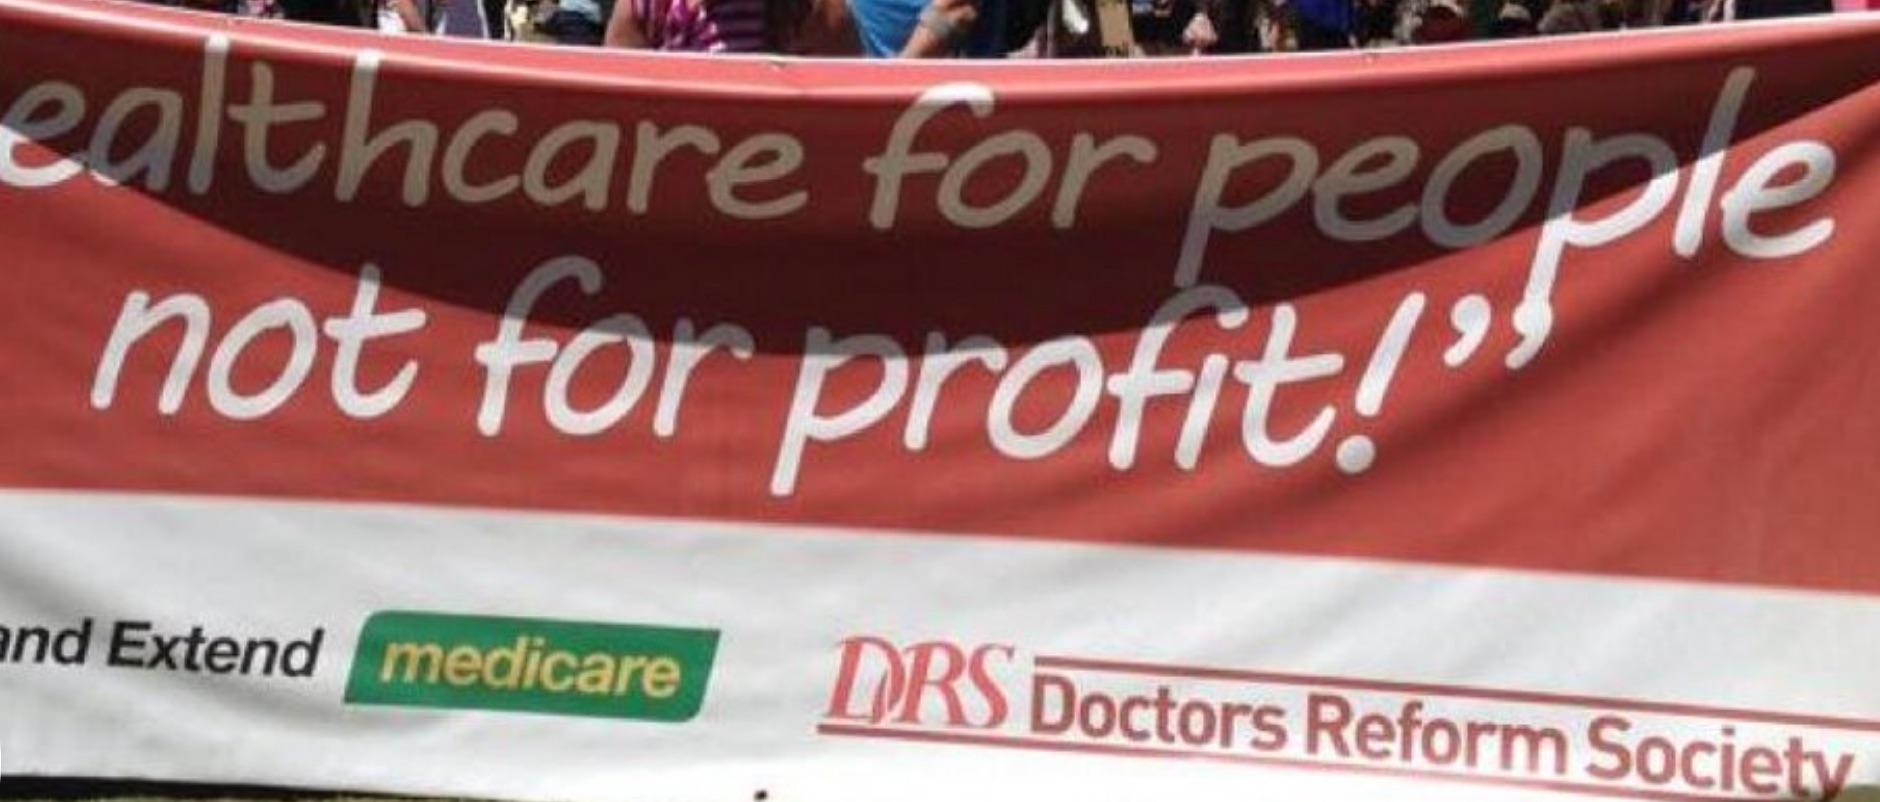 Image via @drsreform